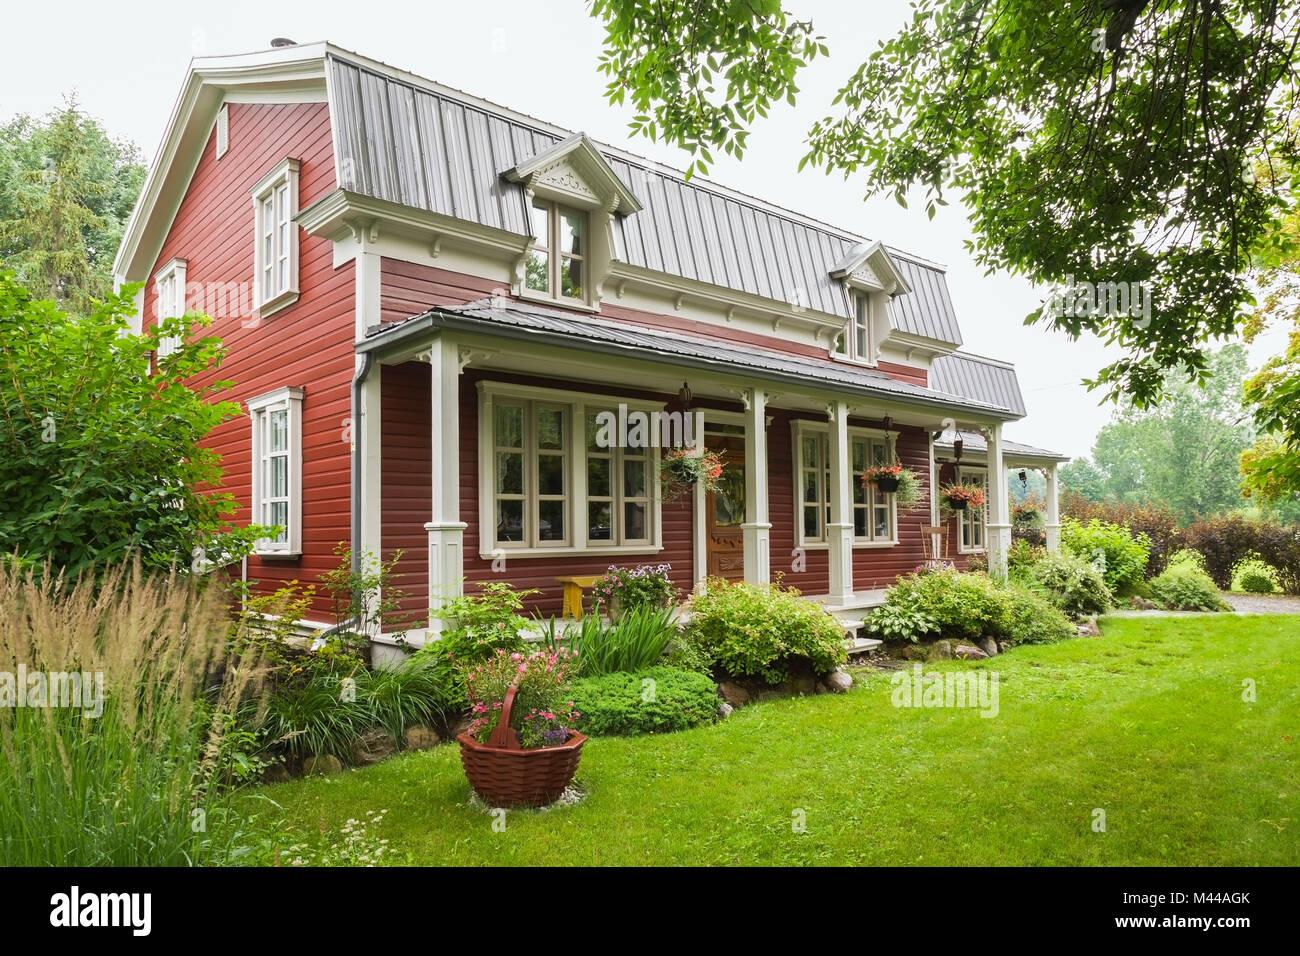 Pineta Plank Facciata Di Casa Con Mansarda E Giardino Paesaggistico,  Quebec, Canada